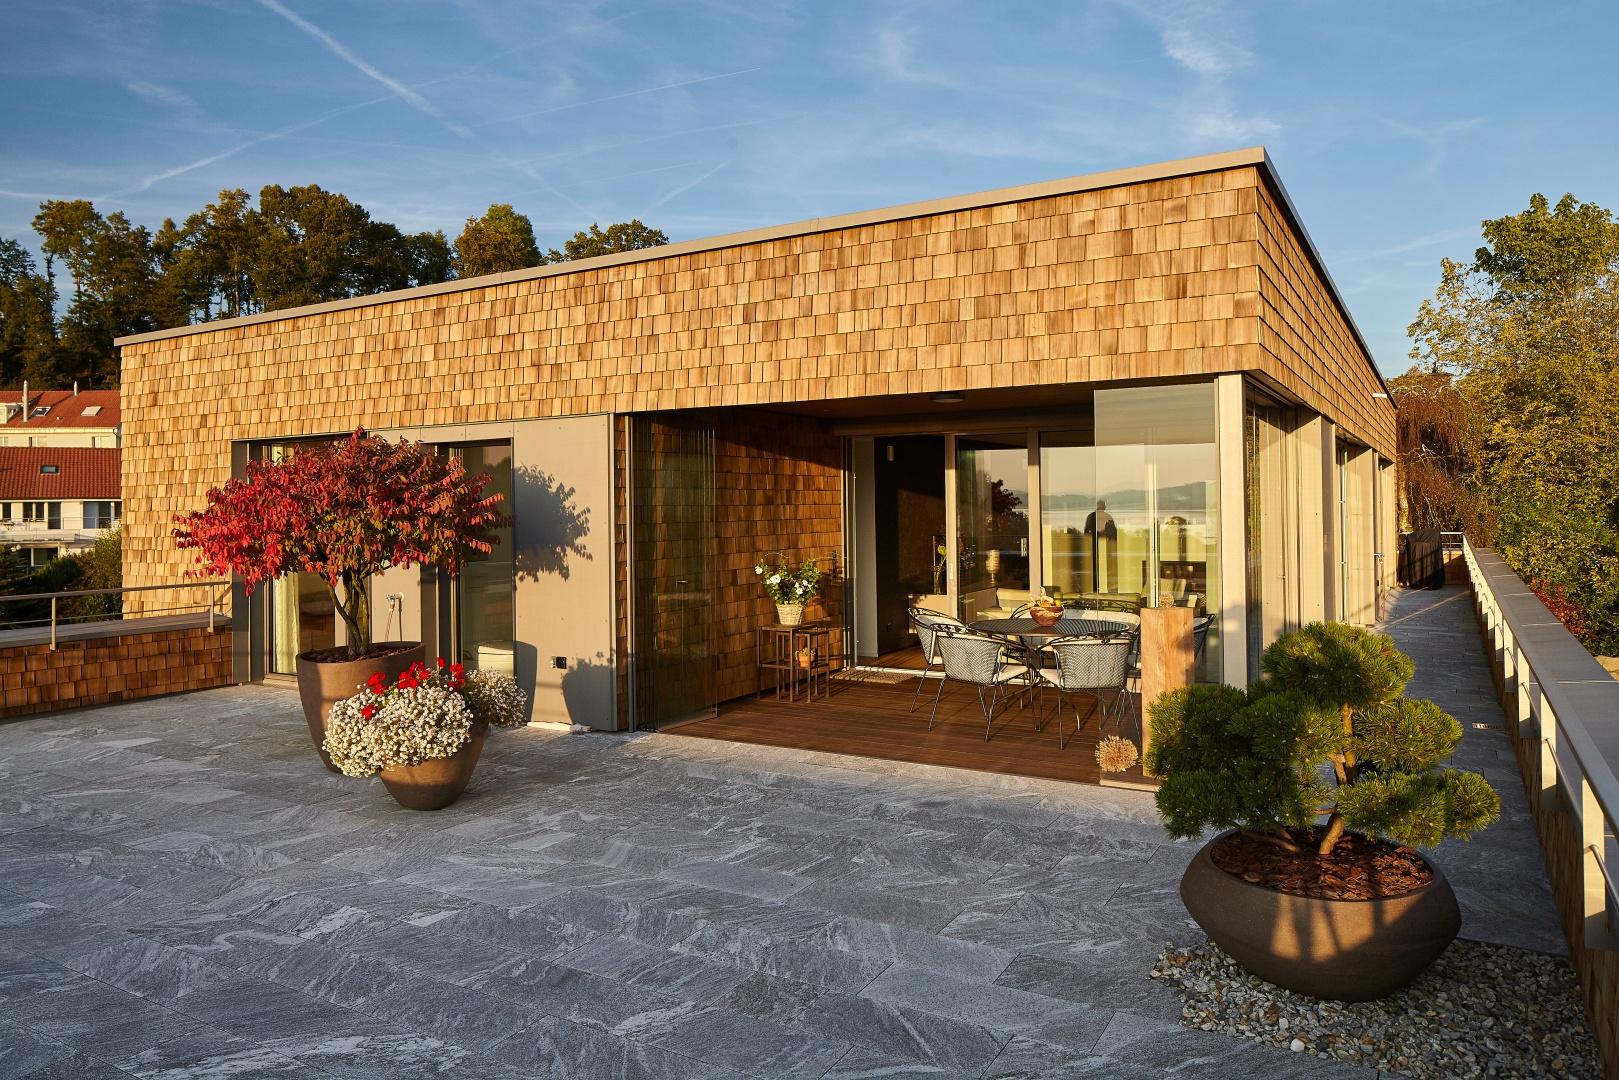 Terrasse zweites Obergeschoss © Marco Sieber, Luzern